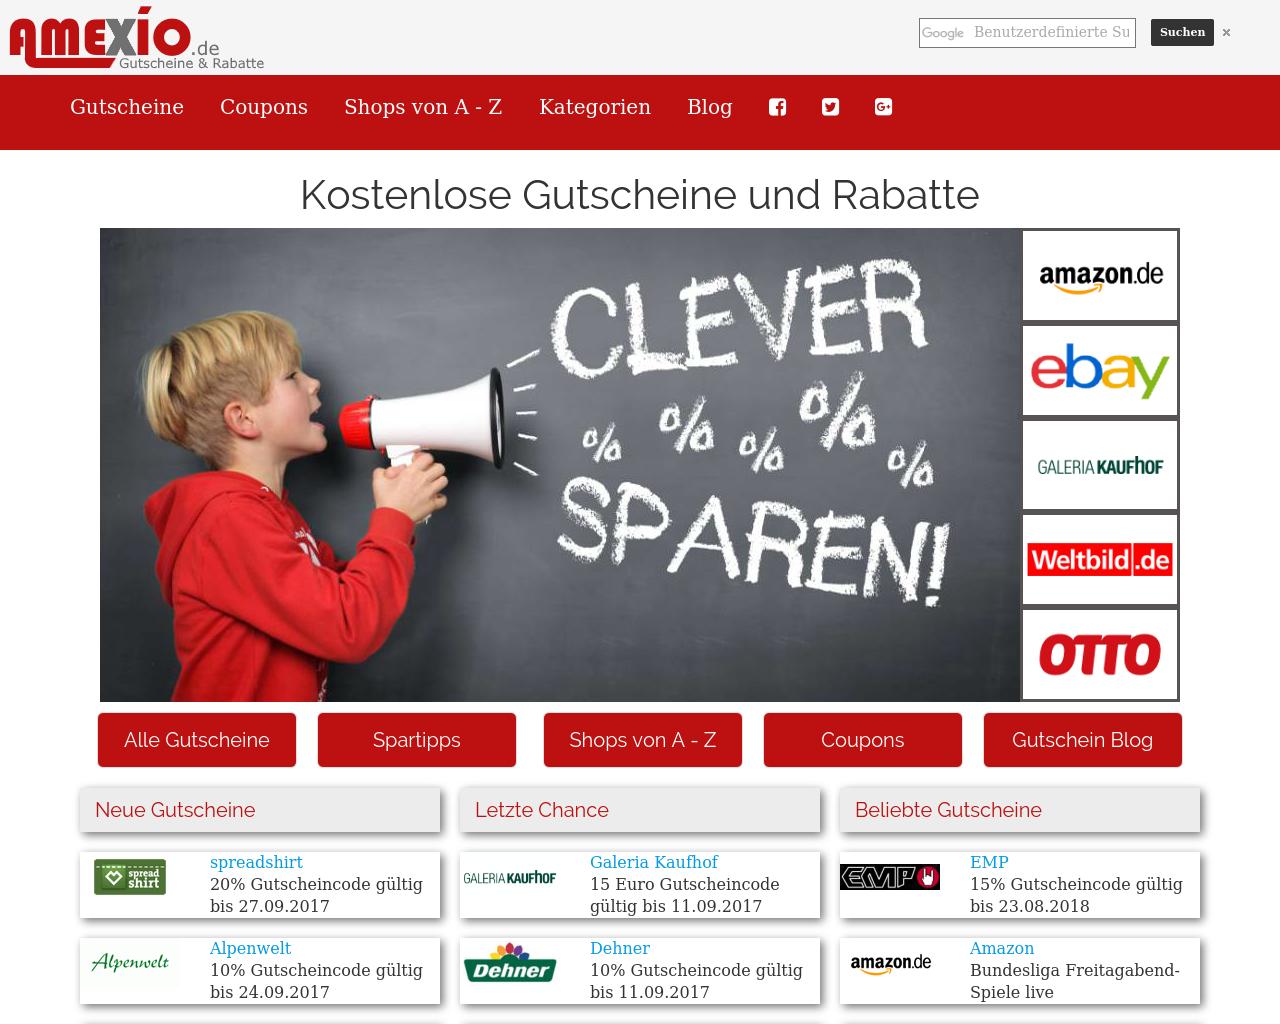 amexio.de-Advertising-Reviews-Pricing